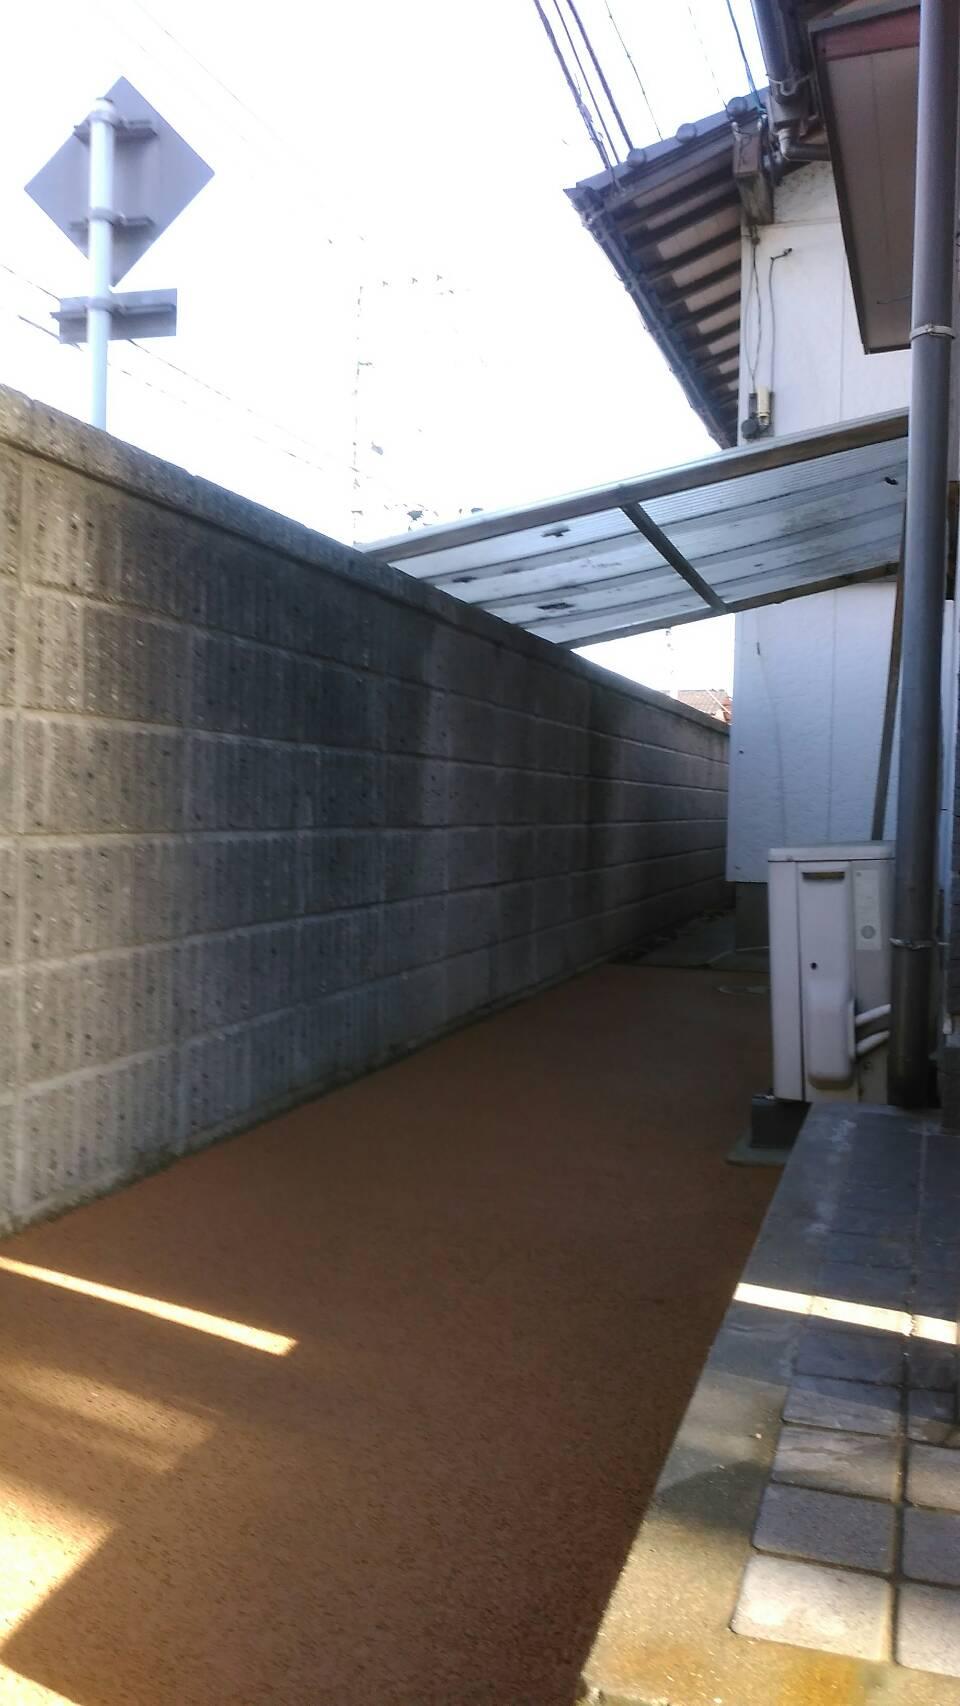 小倉北区 M邸防草工事 玄関横通路をライトブラウンで施工しました。